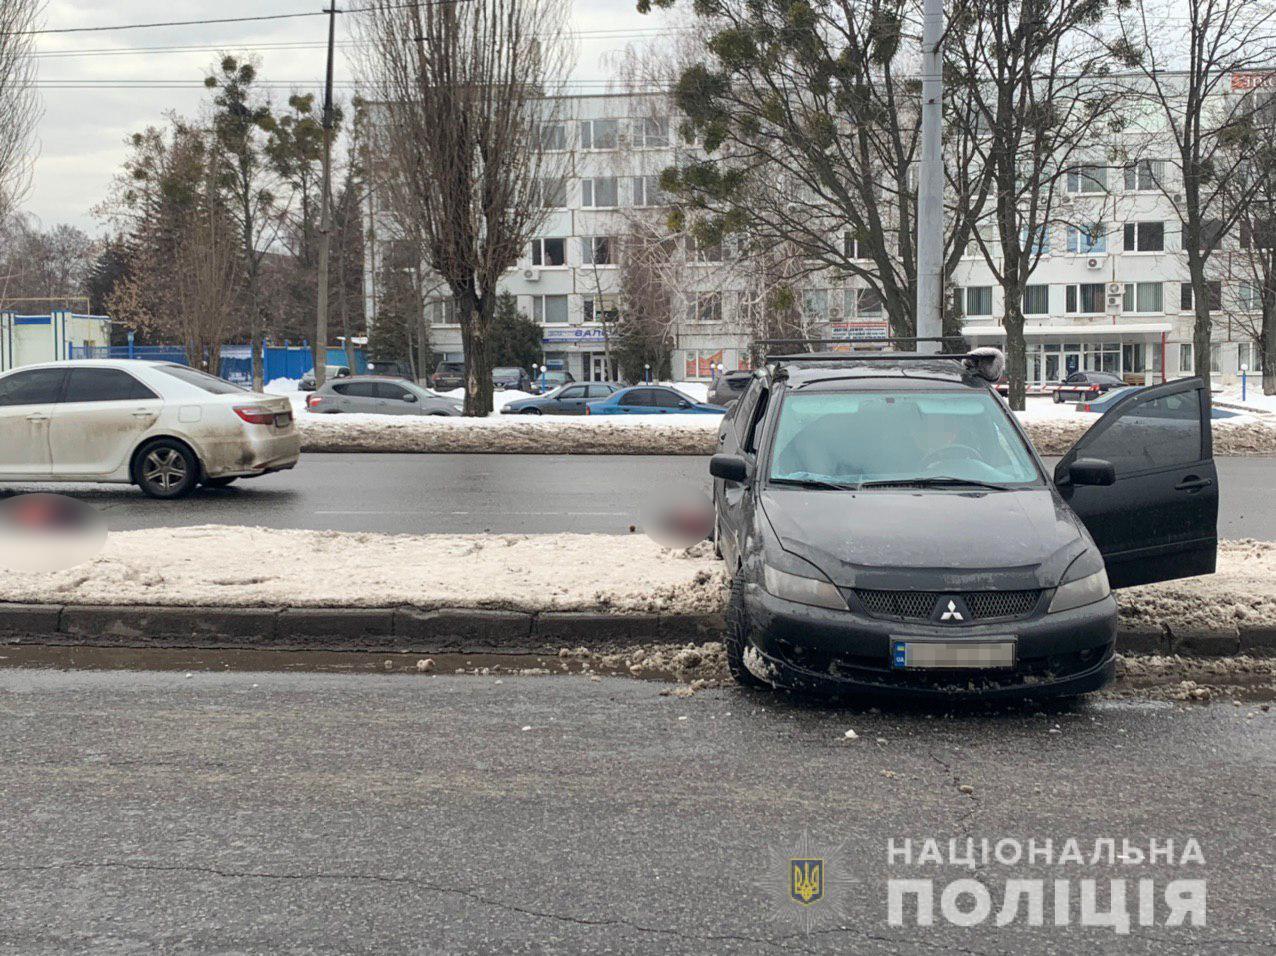 Смертельна ДТП у Харкові 14 лютого. Загинули жінки-пішоходи віком 50 — 60 років